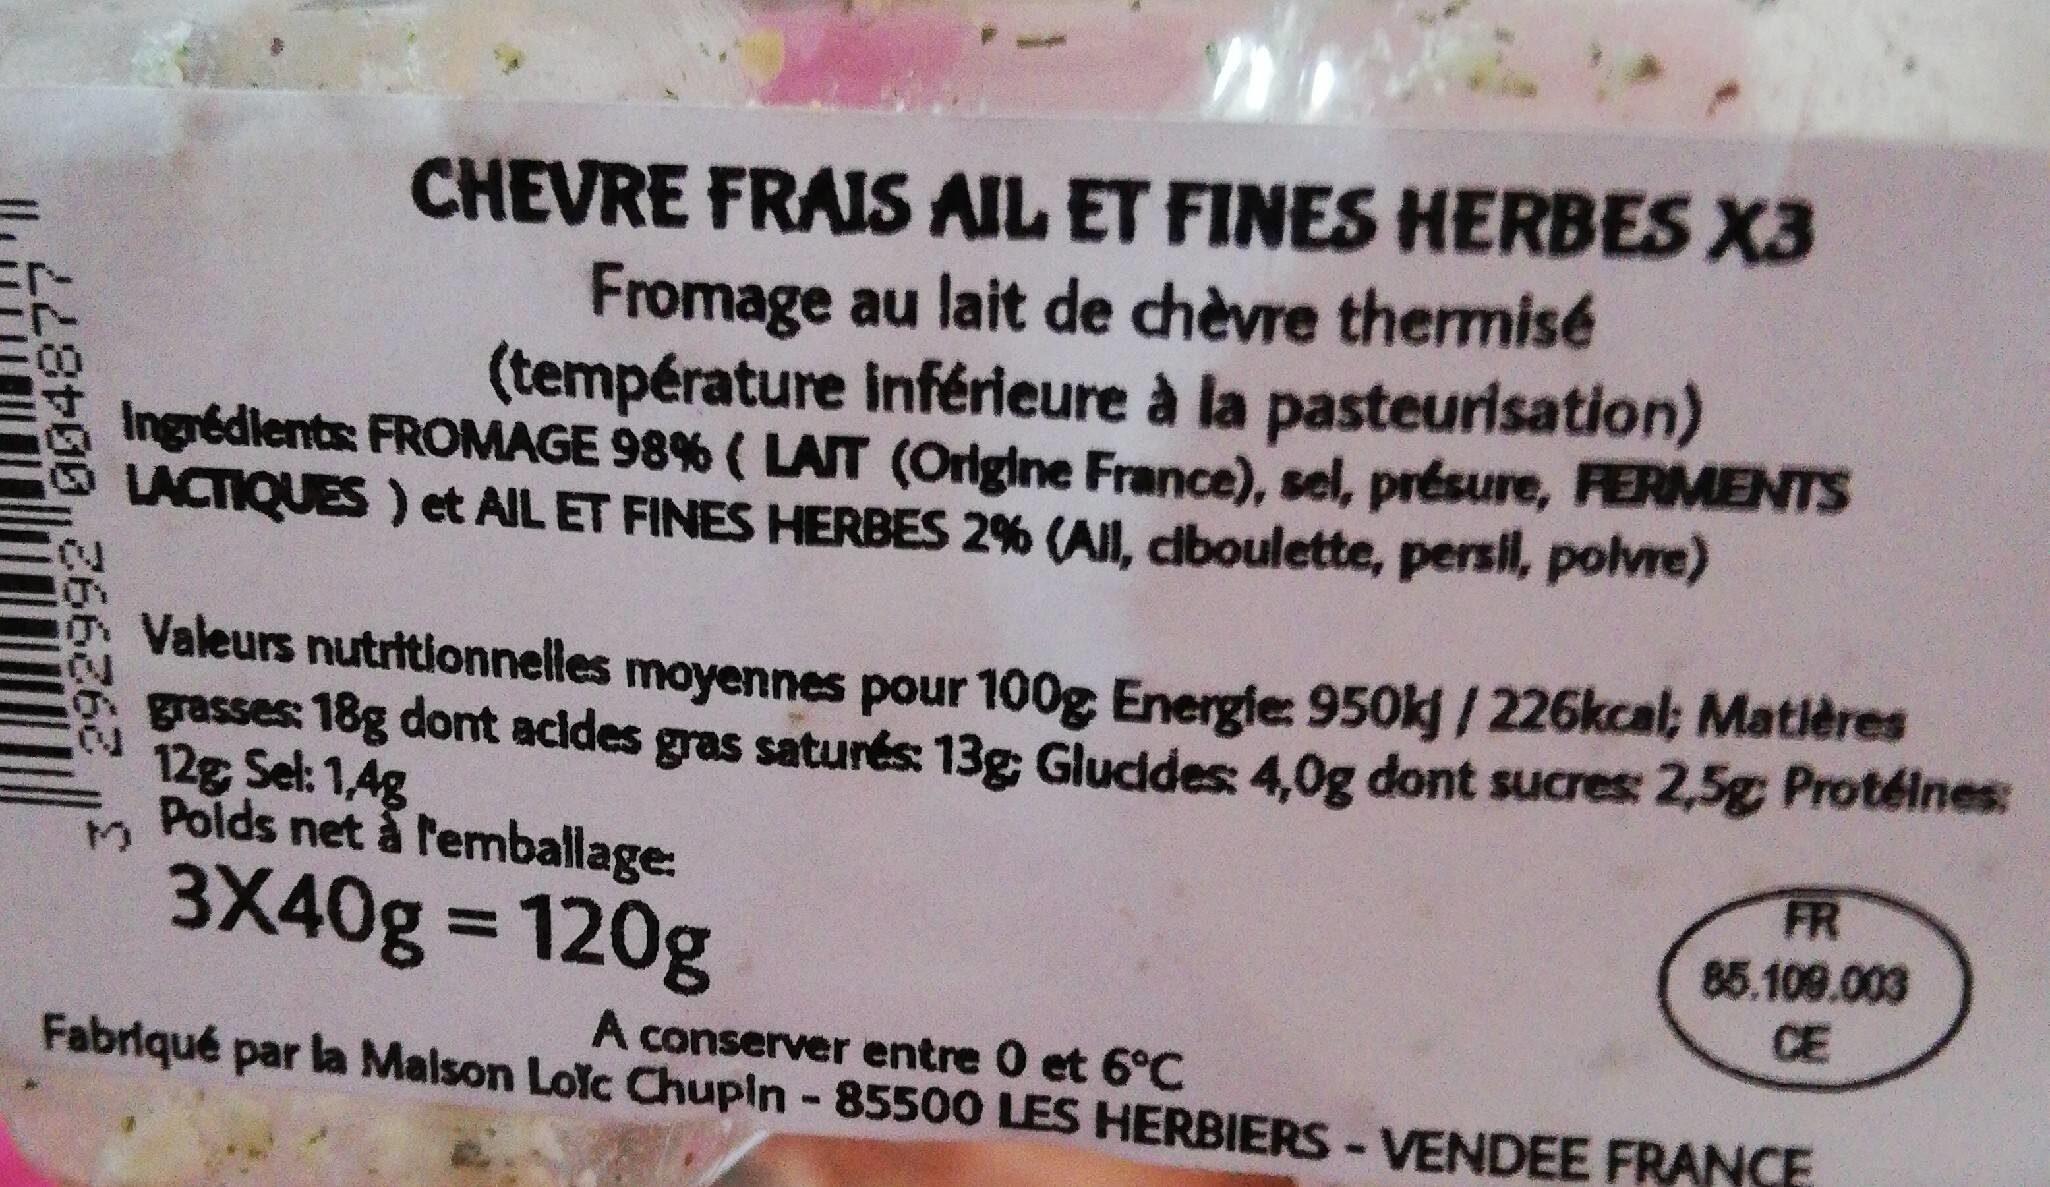 Fromage de chèvre frais Ail & Fines herbes - Informations nutritionnelles - fr